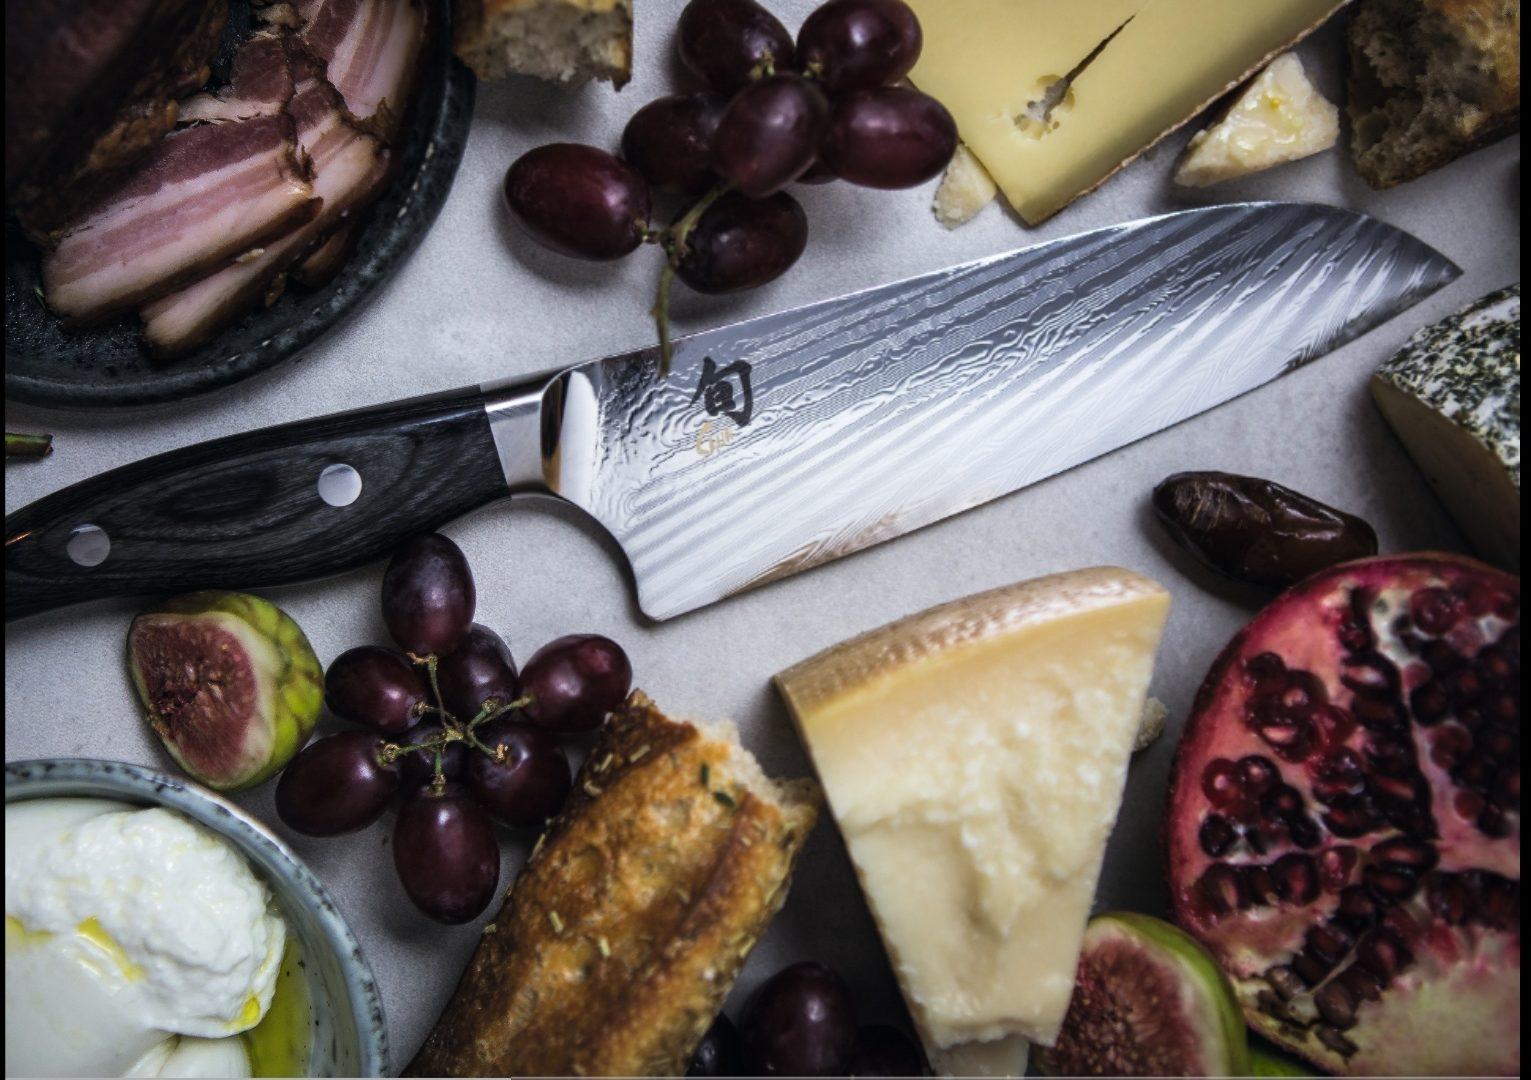 venta online de los cuchillos de cocina